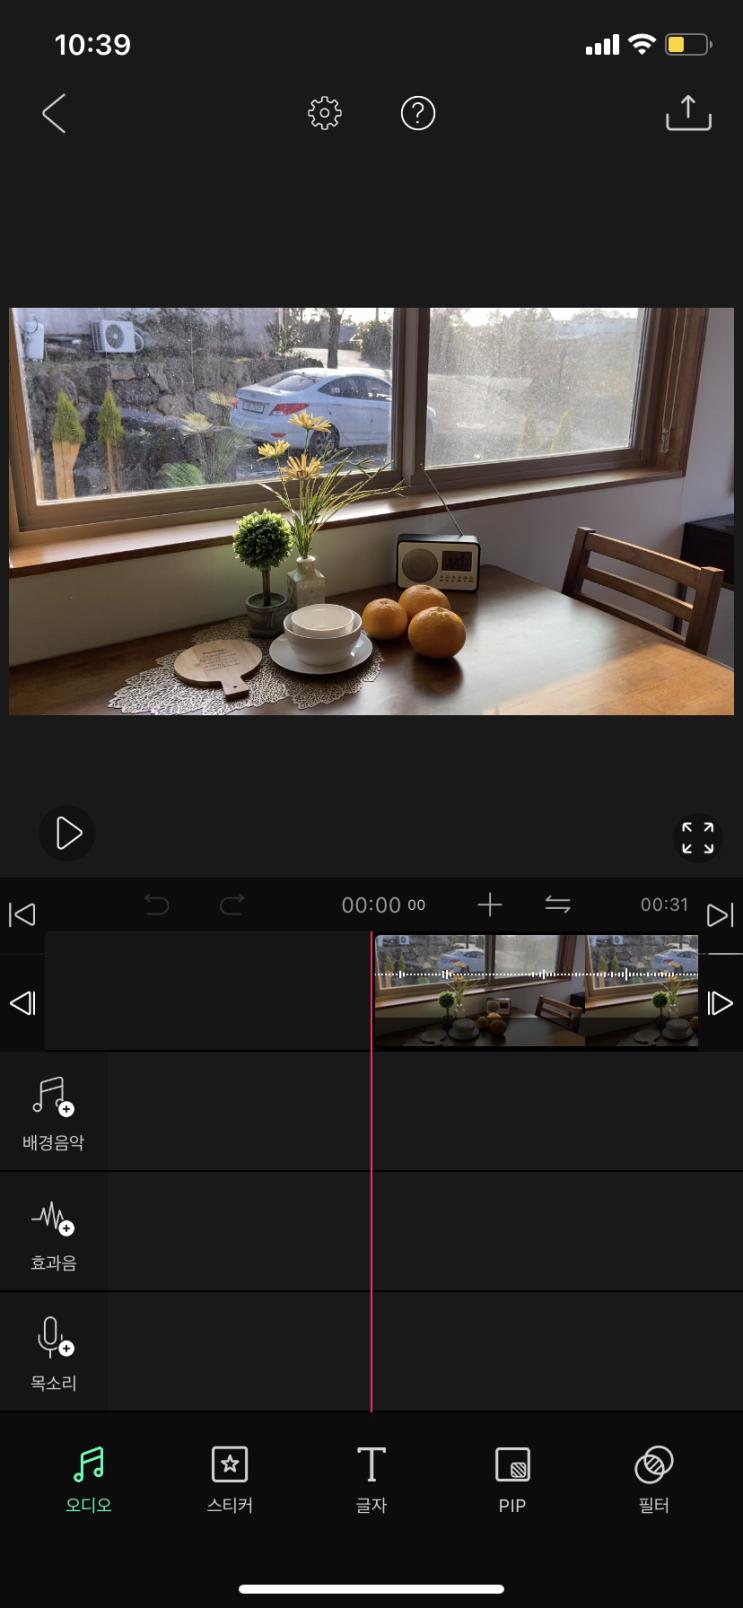 VLLO 무료 어플 사용법 정리 (동영상 만들기, 배경음악 삽입, 영상배속)